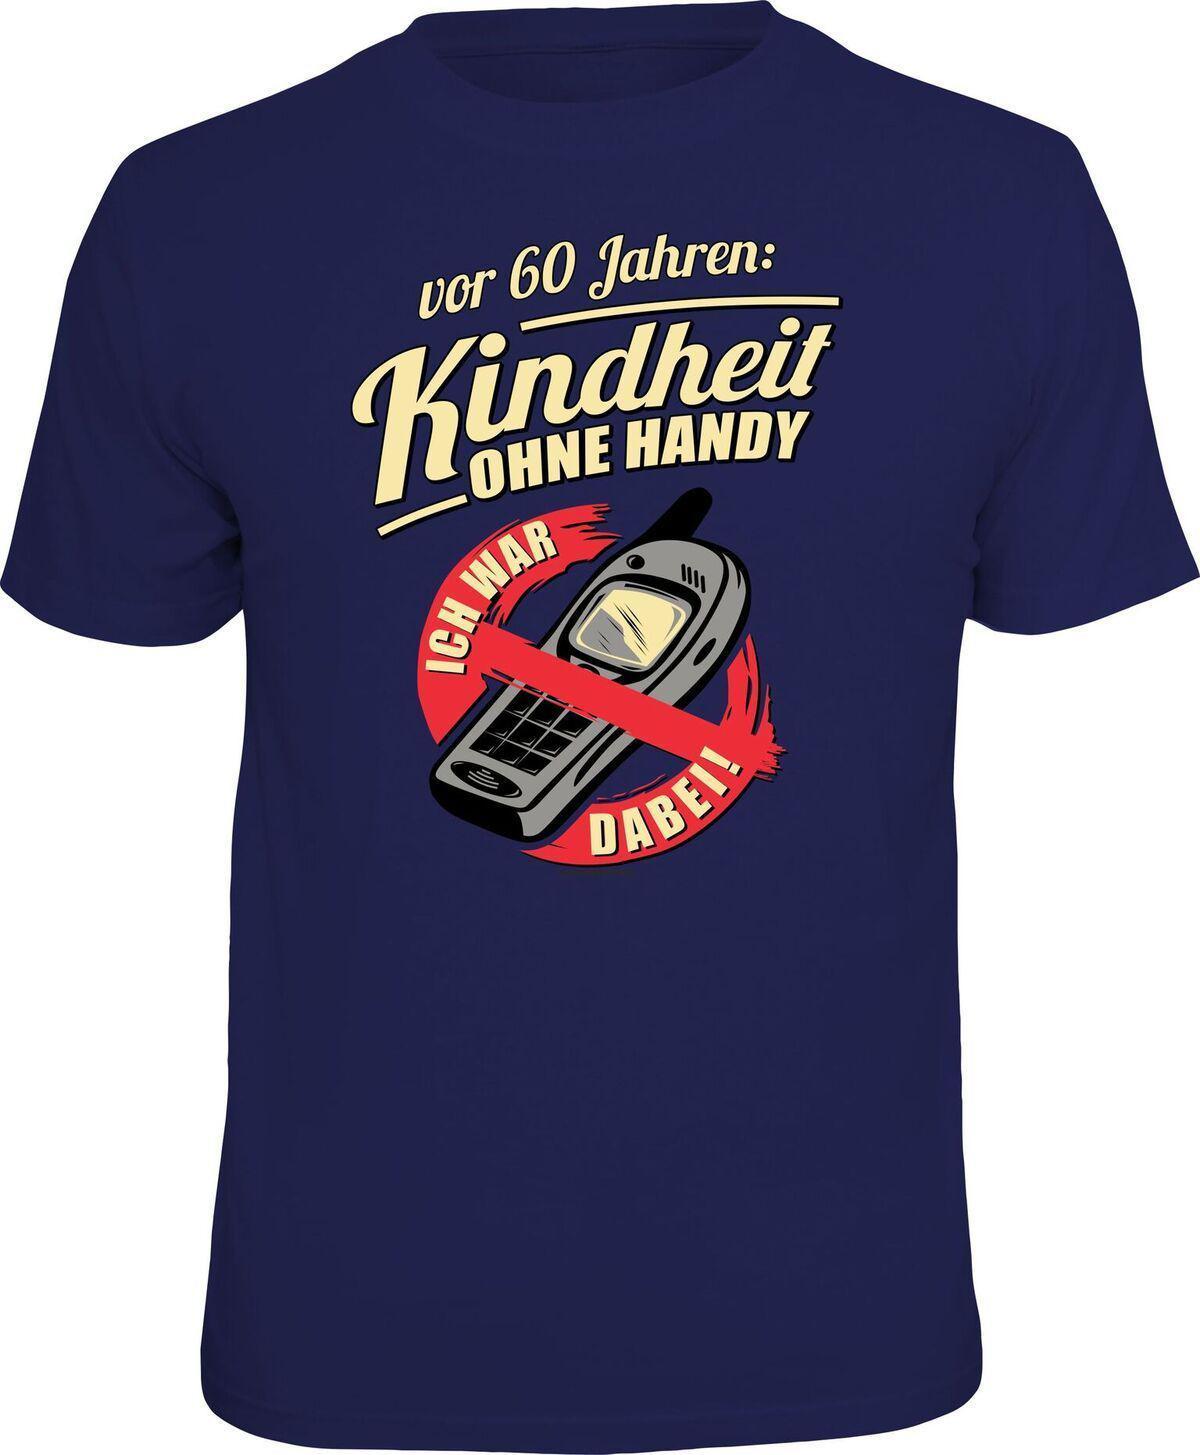 the best attitude 4fad9 d1b96 Geburtstag T-Shirt Vor 60Jahren - Kindheit ohne Handy Geschenk Shirt  bedruckt